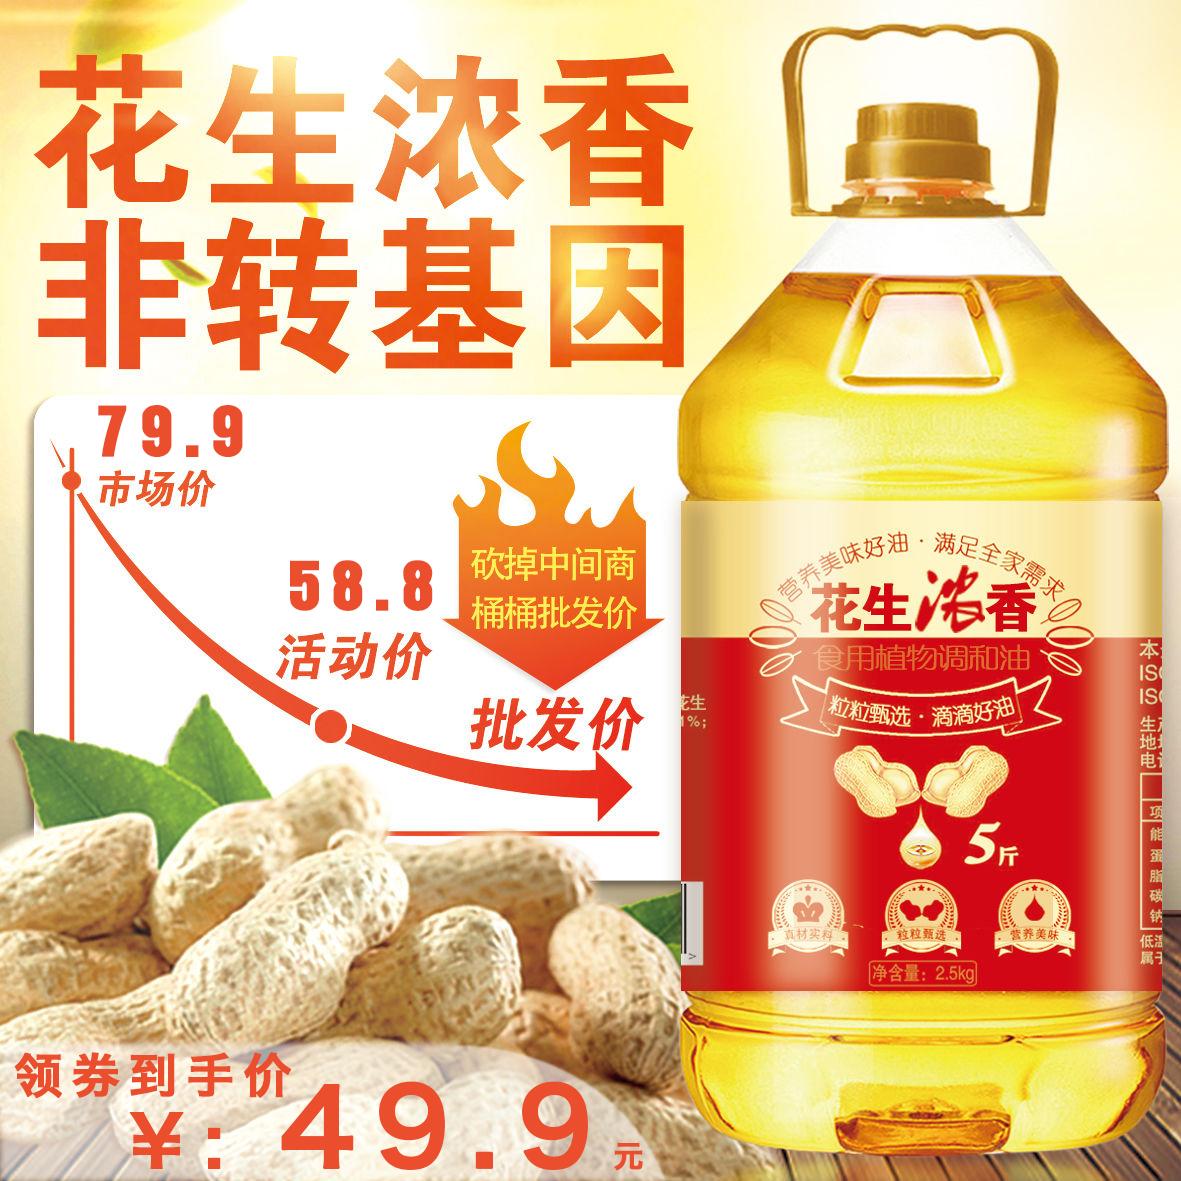 【抢完即止】5斤花生油非转基因食用油调和油1桶5斤